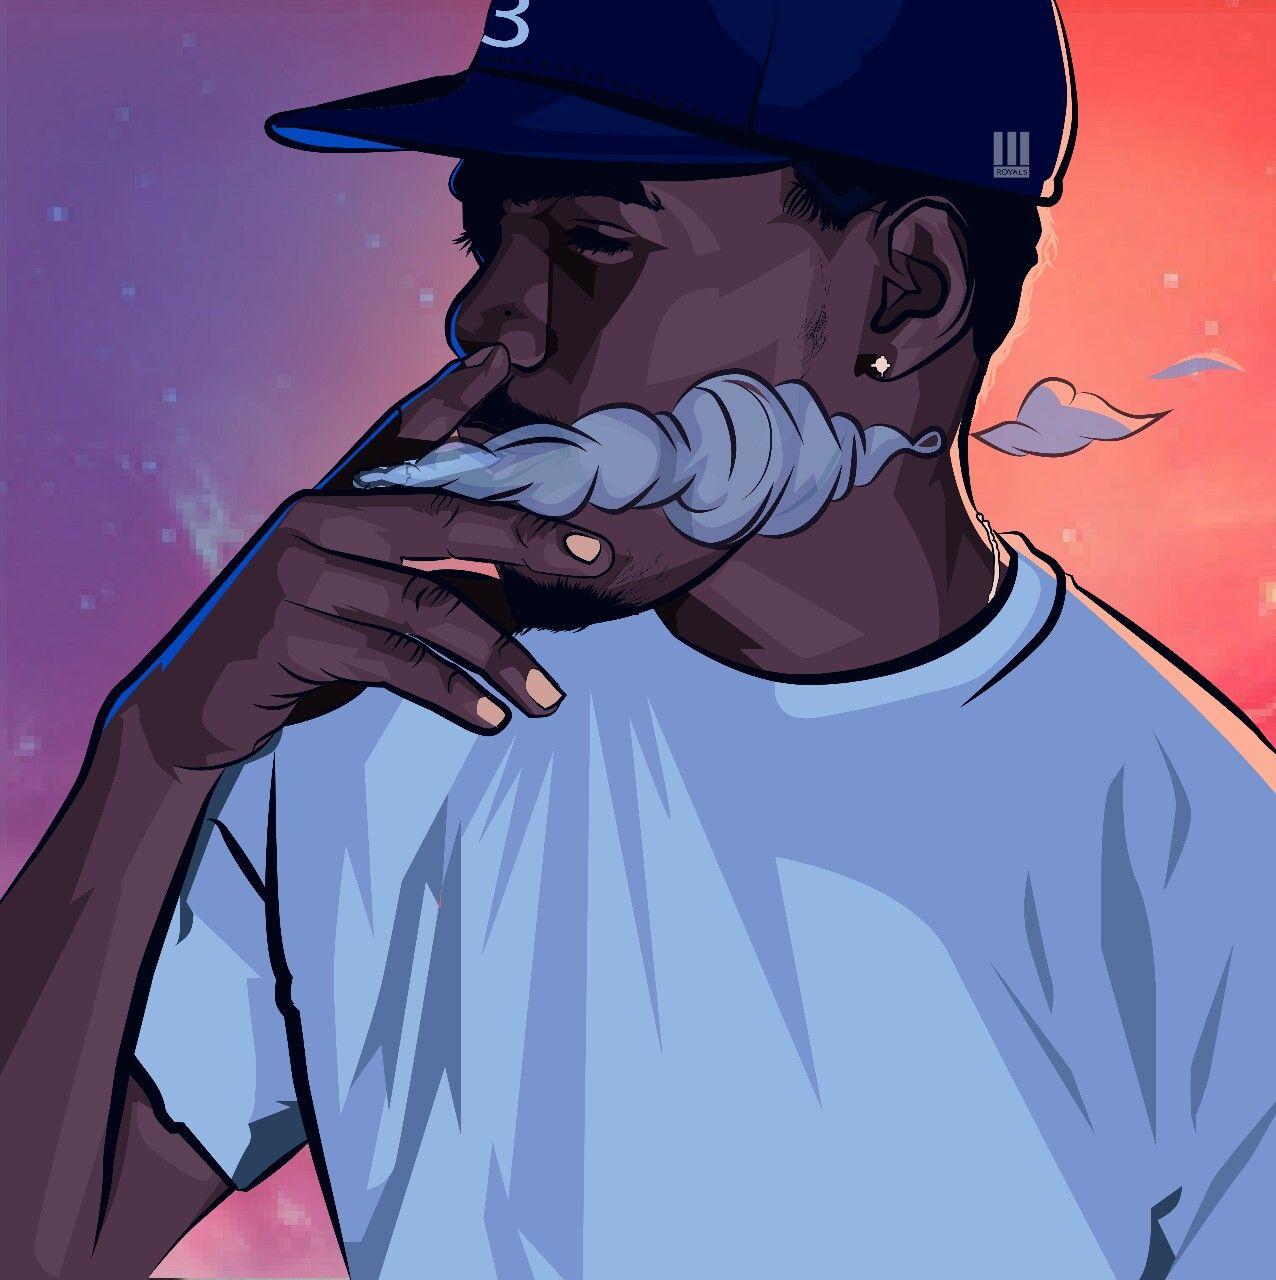 chance 3 art by reedwan a r t pinterest dope art